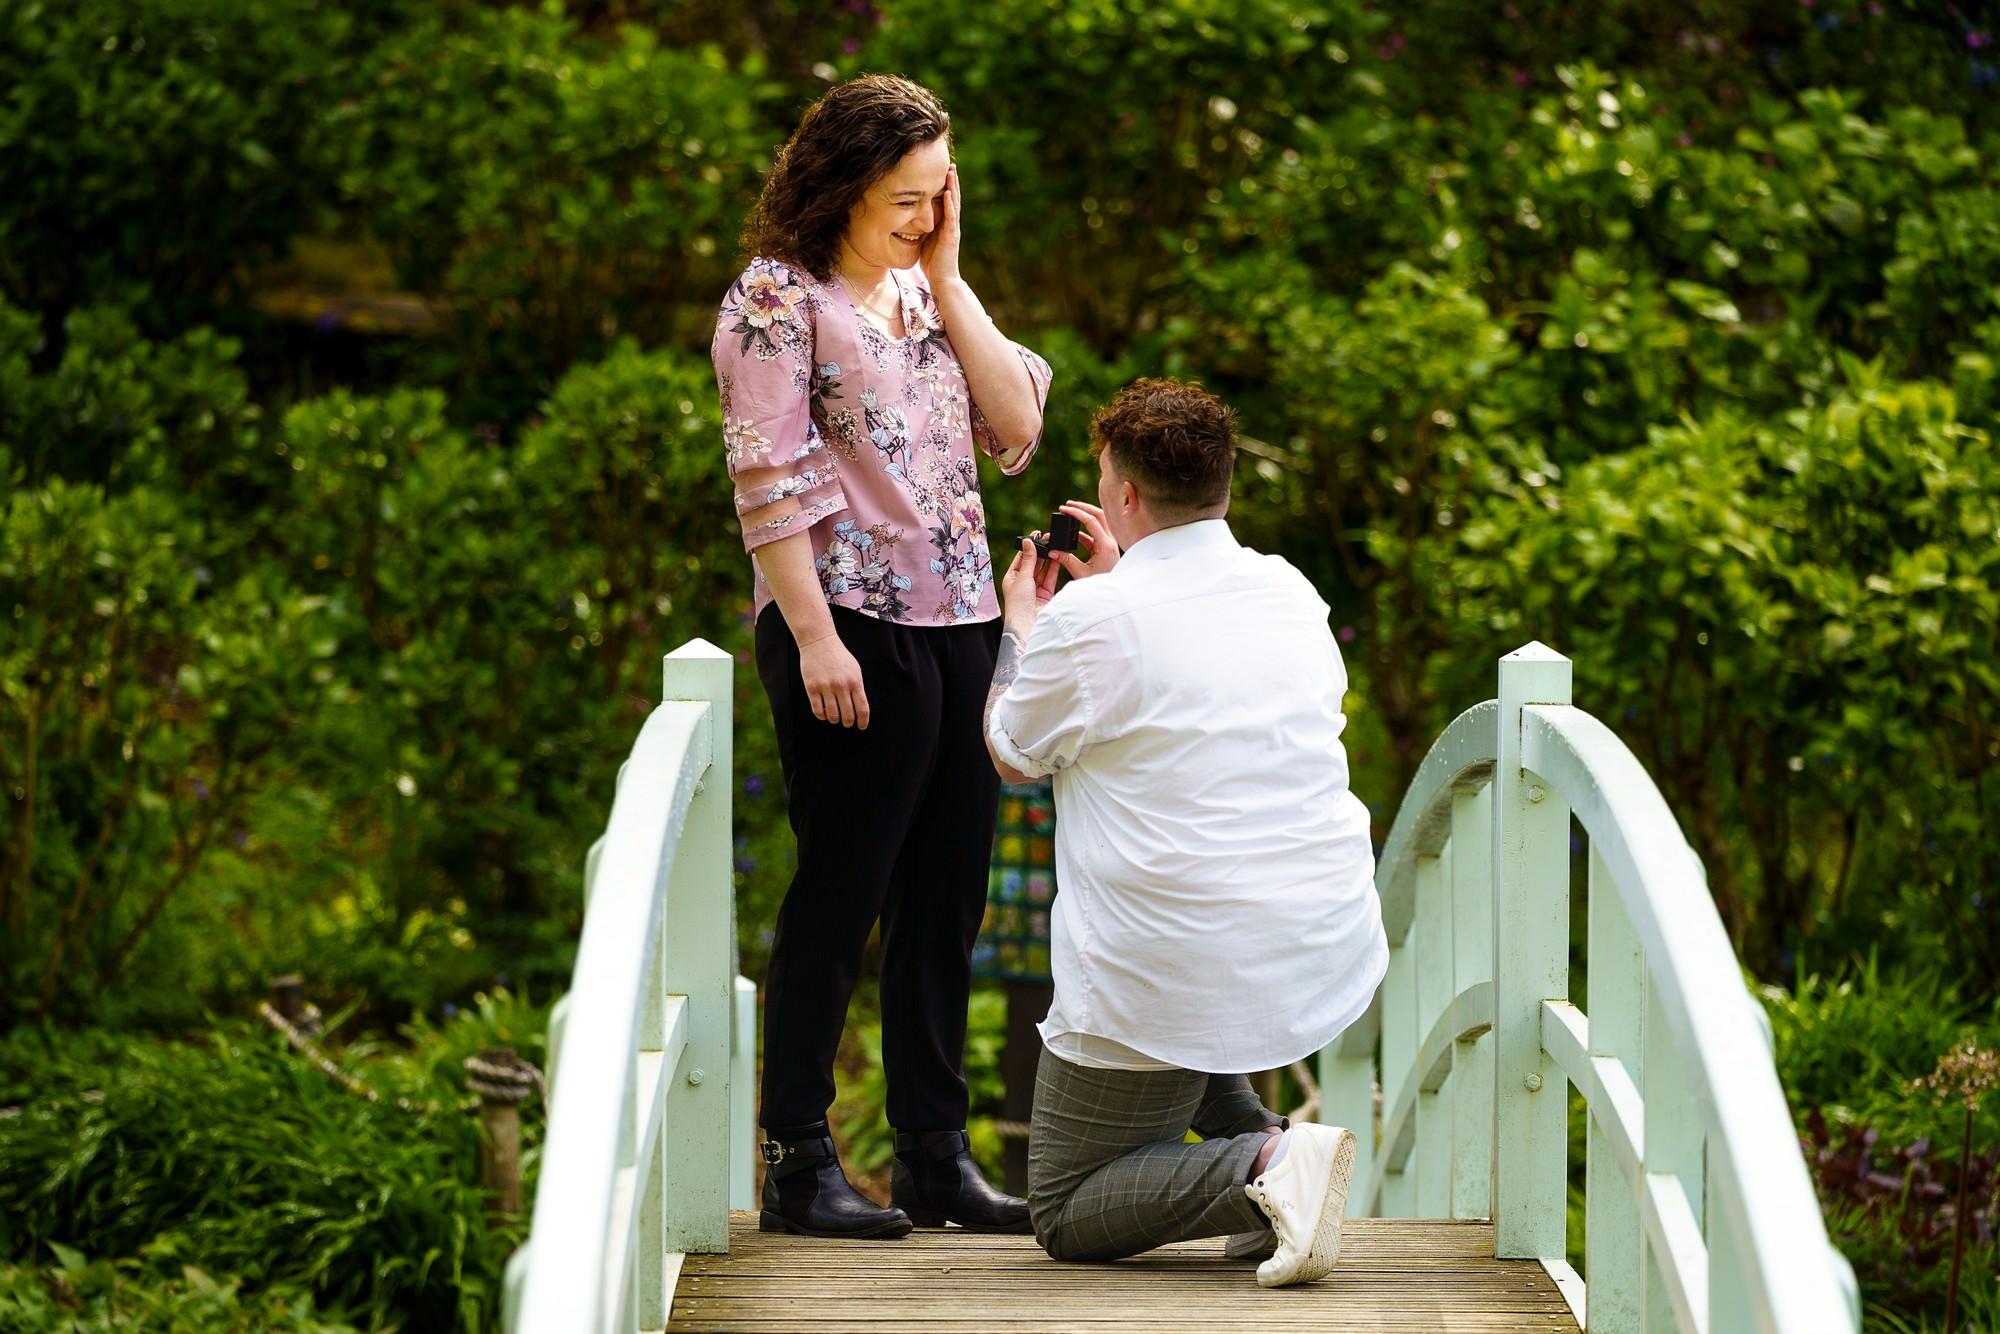 Trebah gardens wedding proposal 2